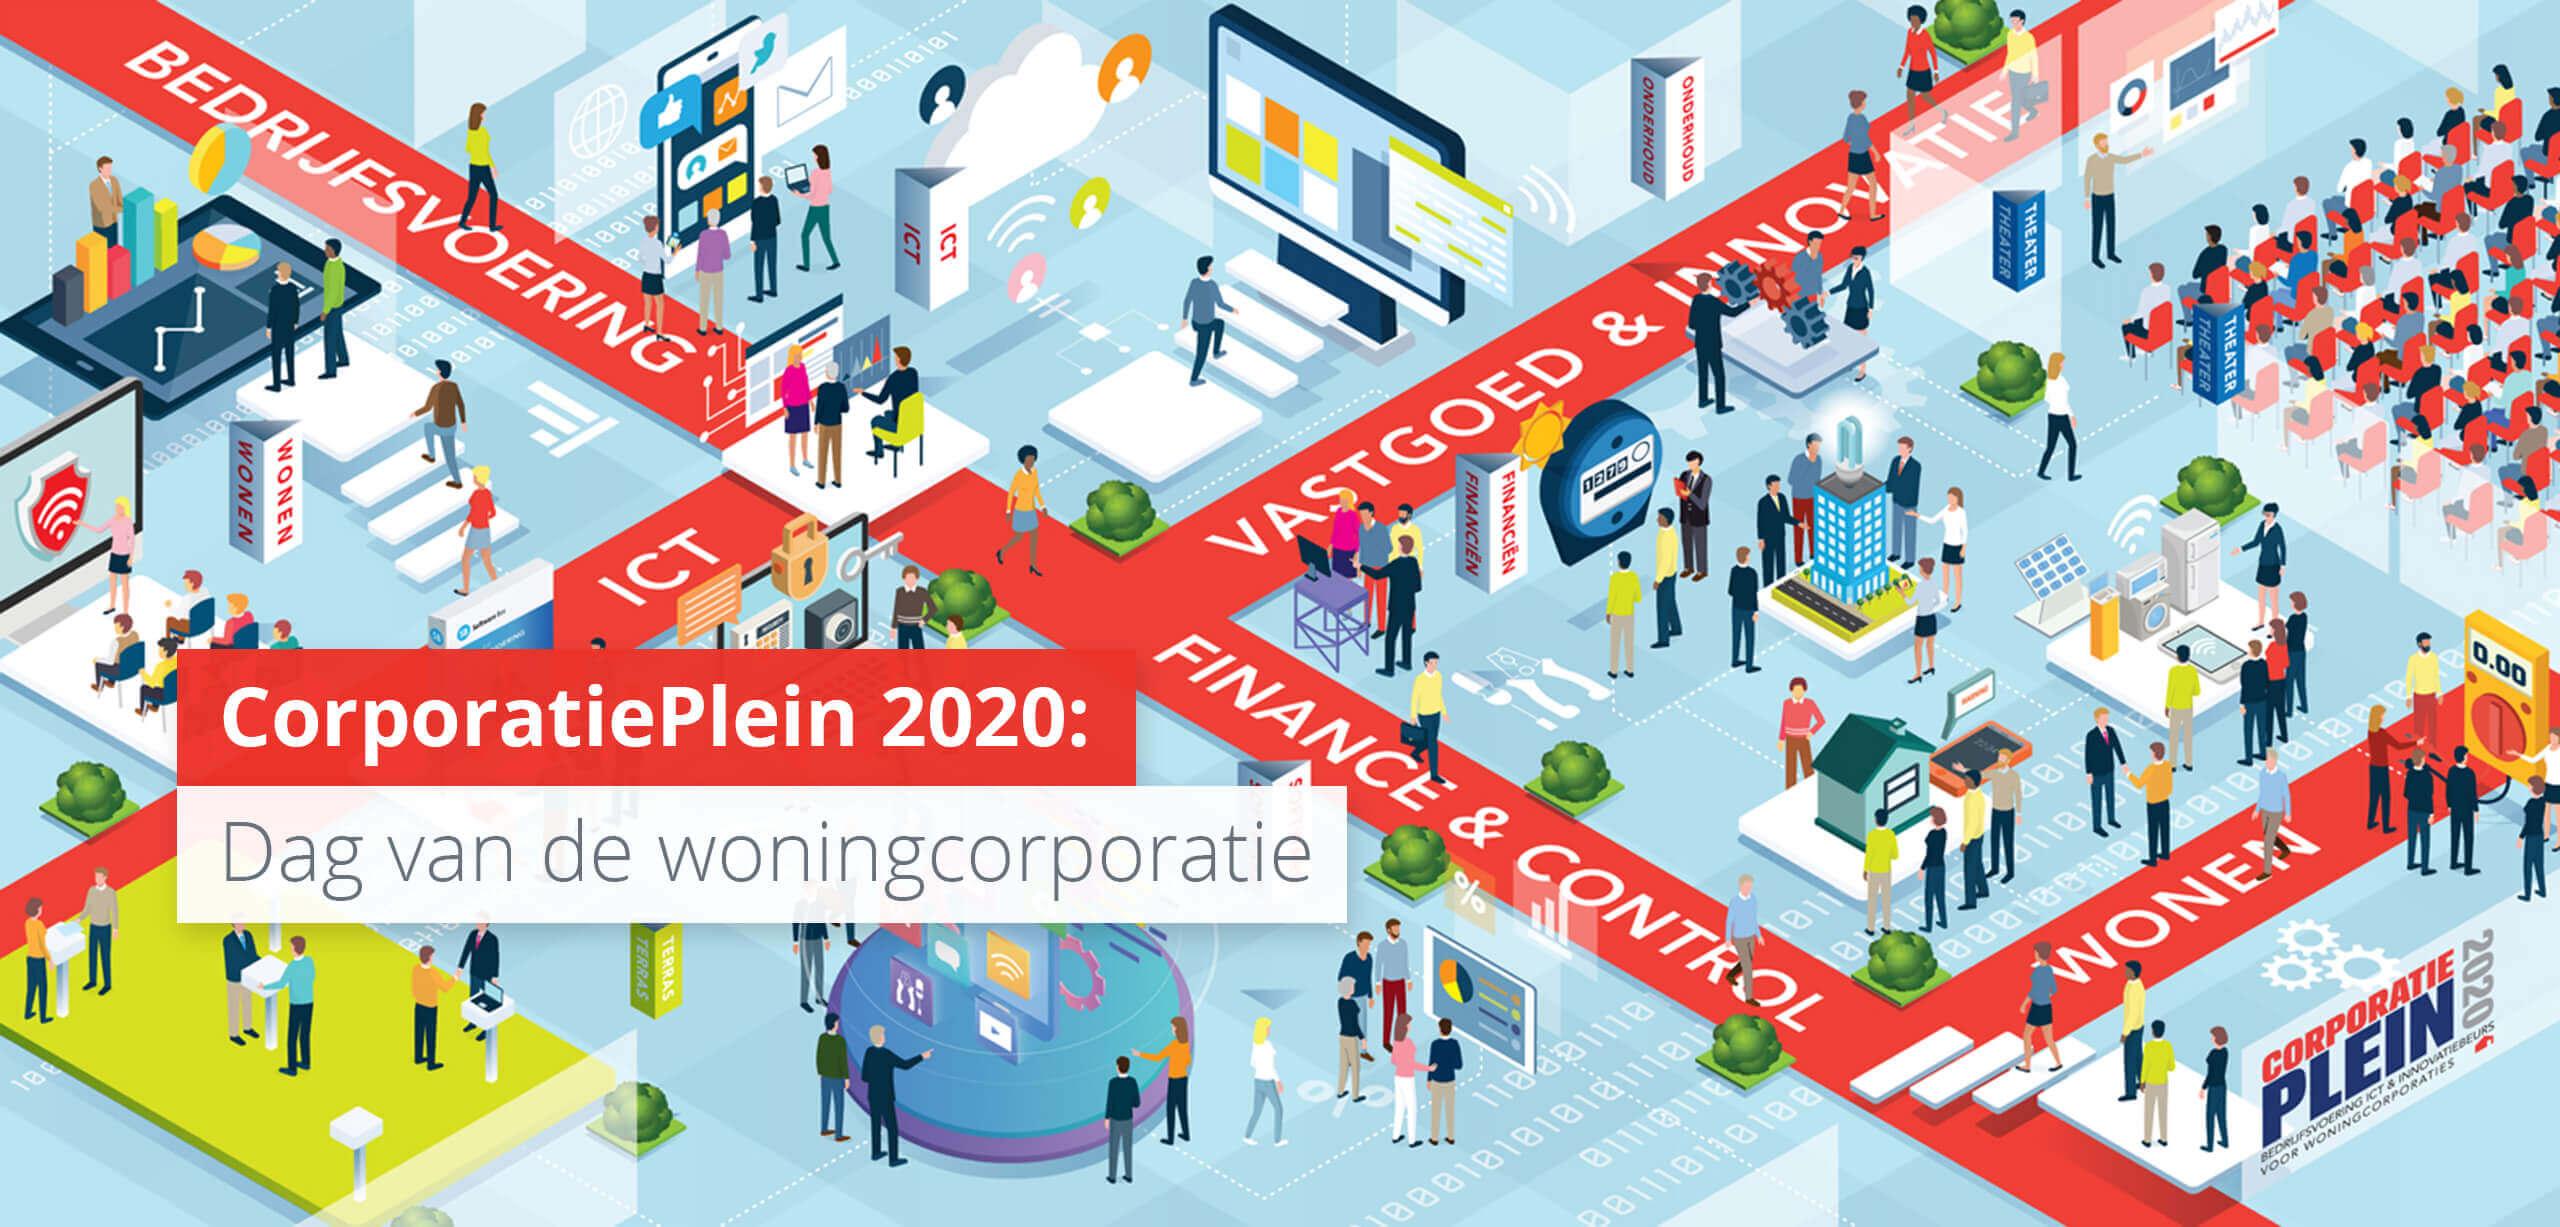 Corporatieplein 2020 SmartDocuments